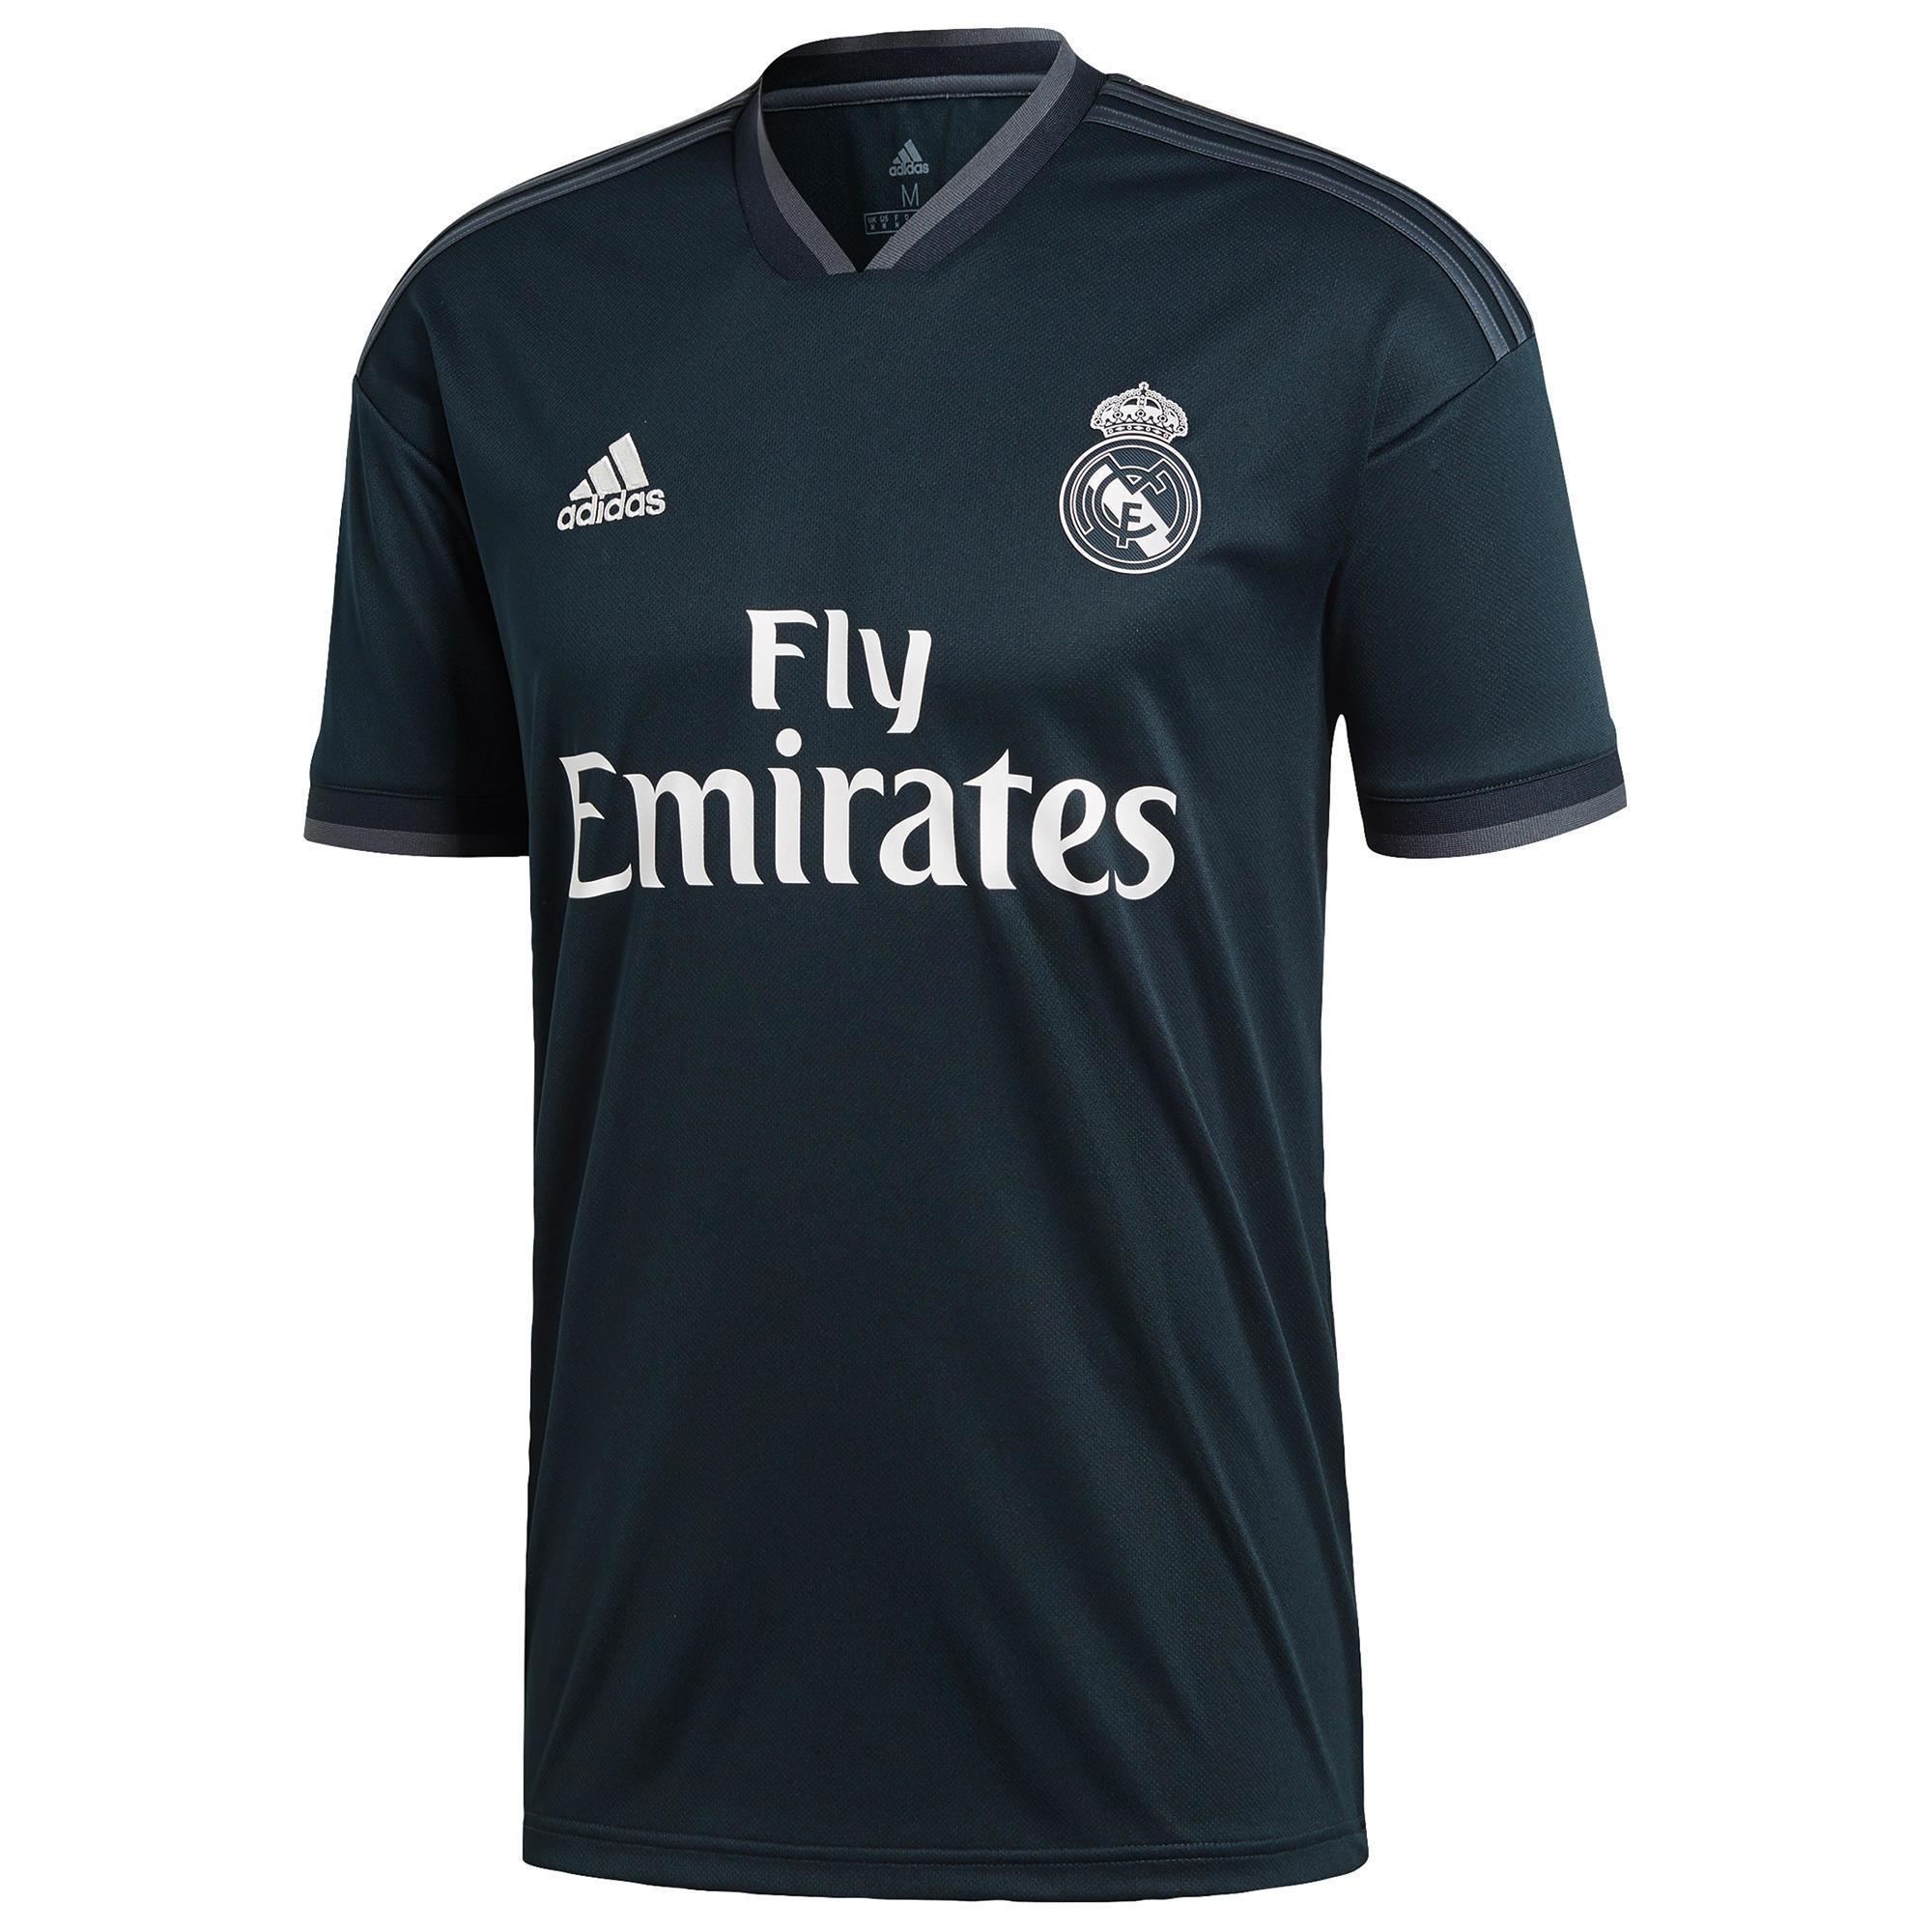 grandes ofertas 2017 diseño hábil comprar lujo Camiseta de Fútbol Adidas oficial Real Madrid C.F. 2ª equipación ...